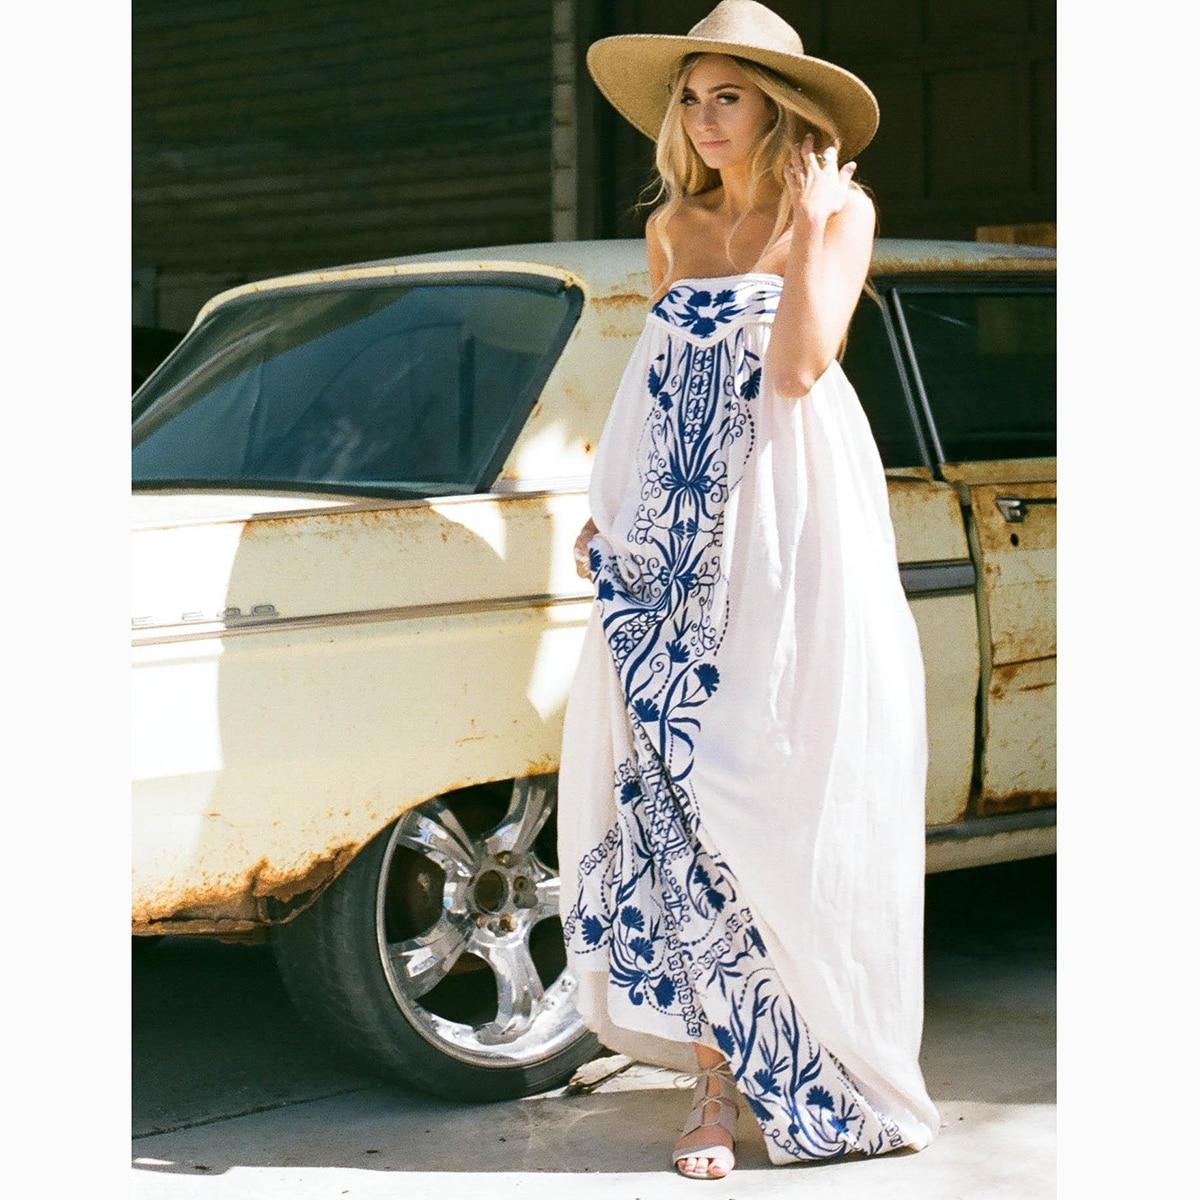 Broderie florale sans bretelles Maxi robe femmes vêtements d'été 2019 Vintage lâche robes blanches plage Hippie Boho Chic longue robe - 4